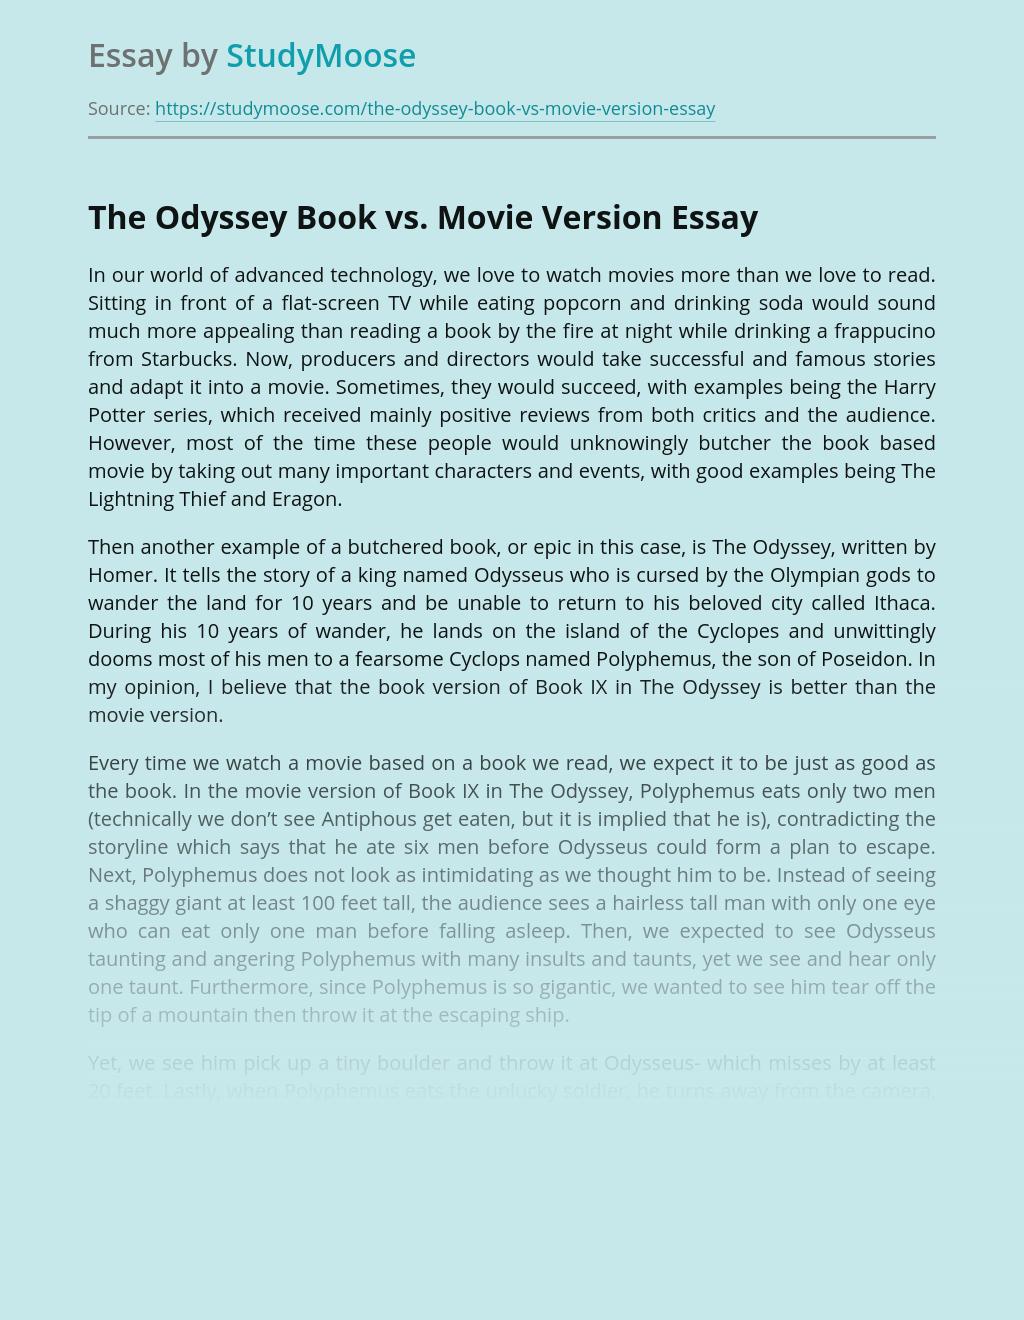 The Odyssey Book vs. Movie Version